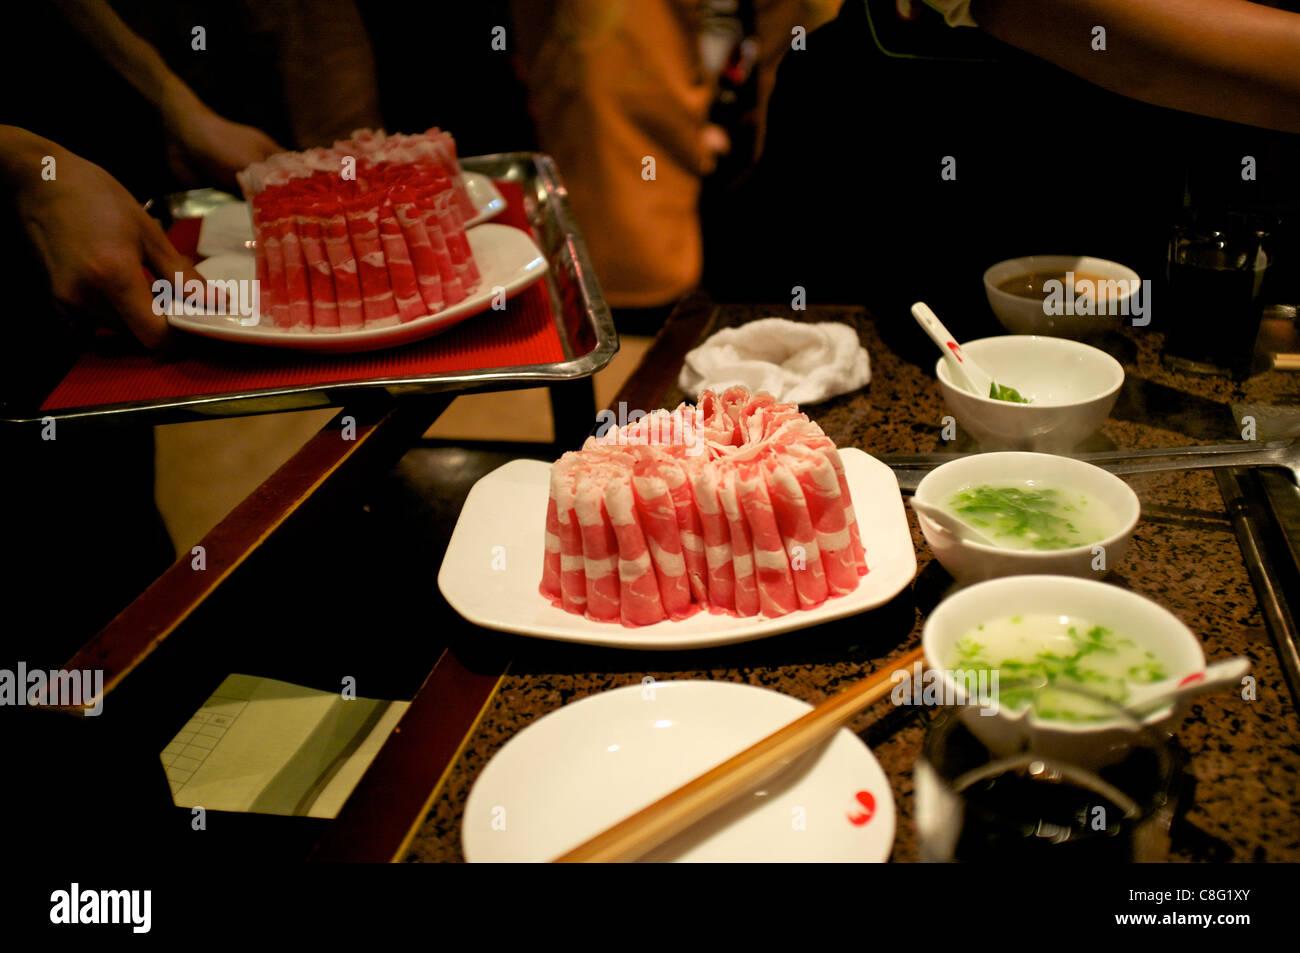 La carne de vacuno y de cordero en Hai Di Lao Hot Pot restaurant en Beijing, China. 21-Oct-2011 Imagen De Stock